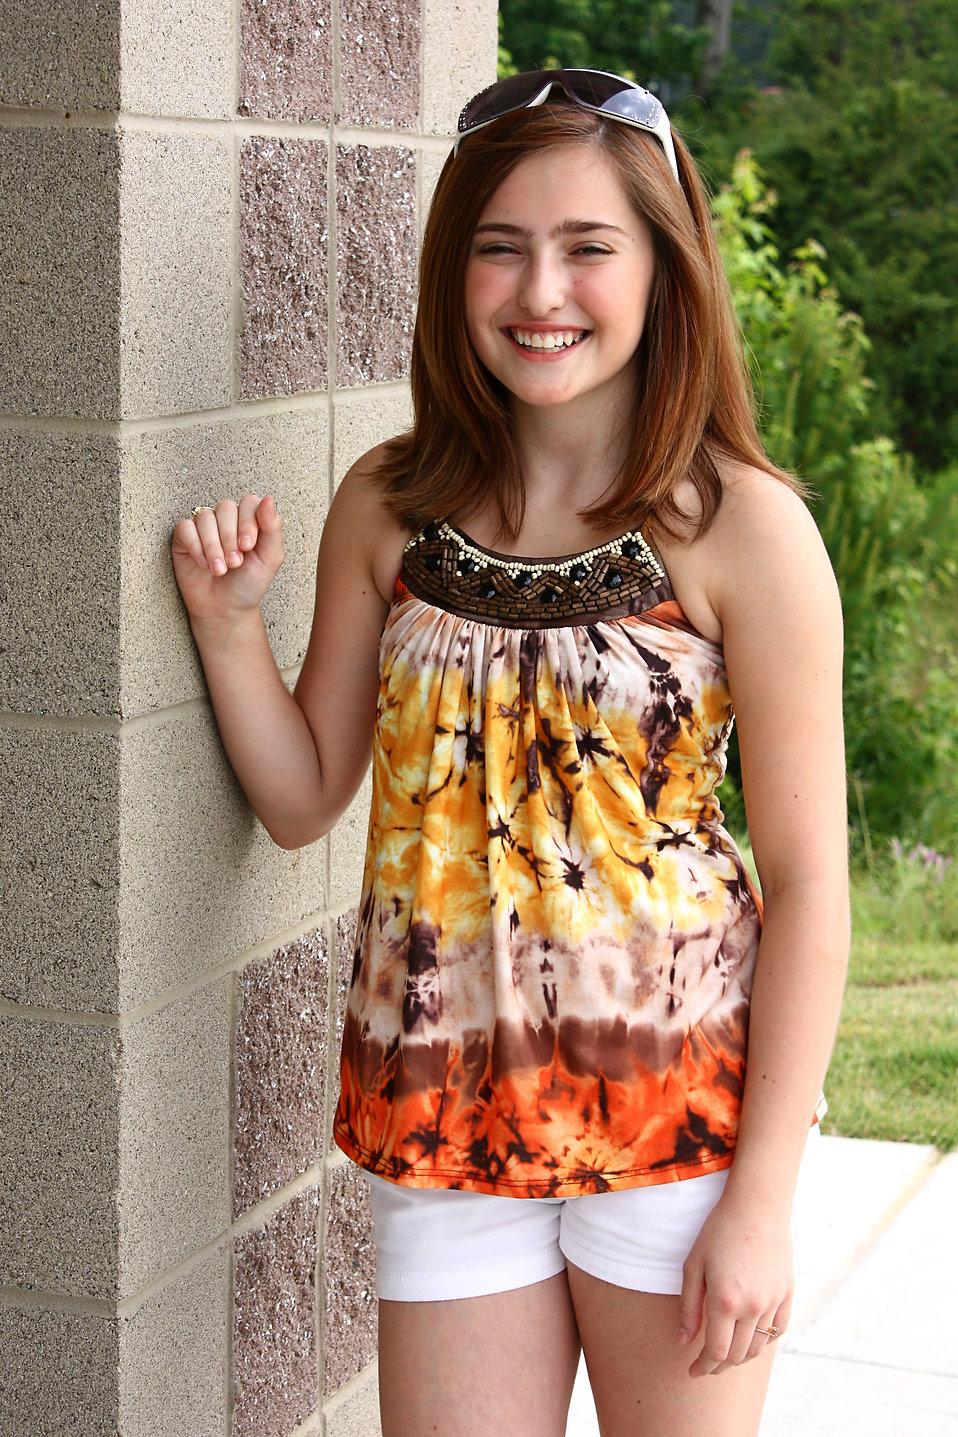 A Cute Young Girl Posing